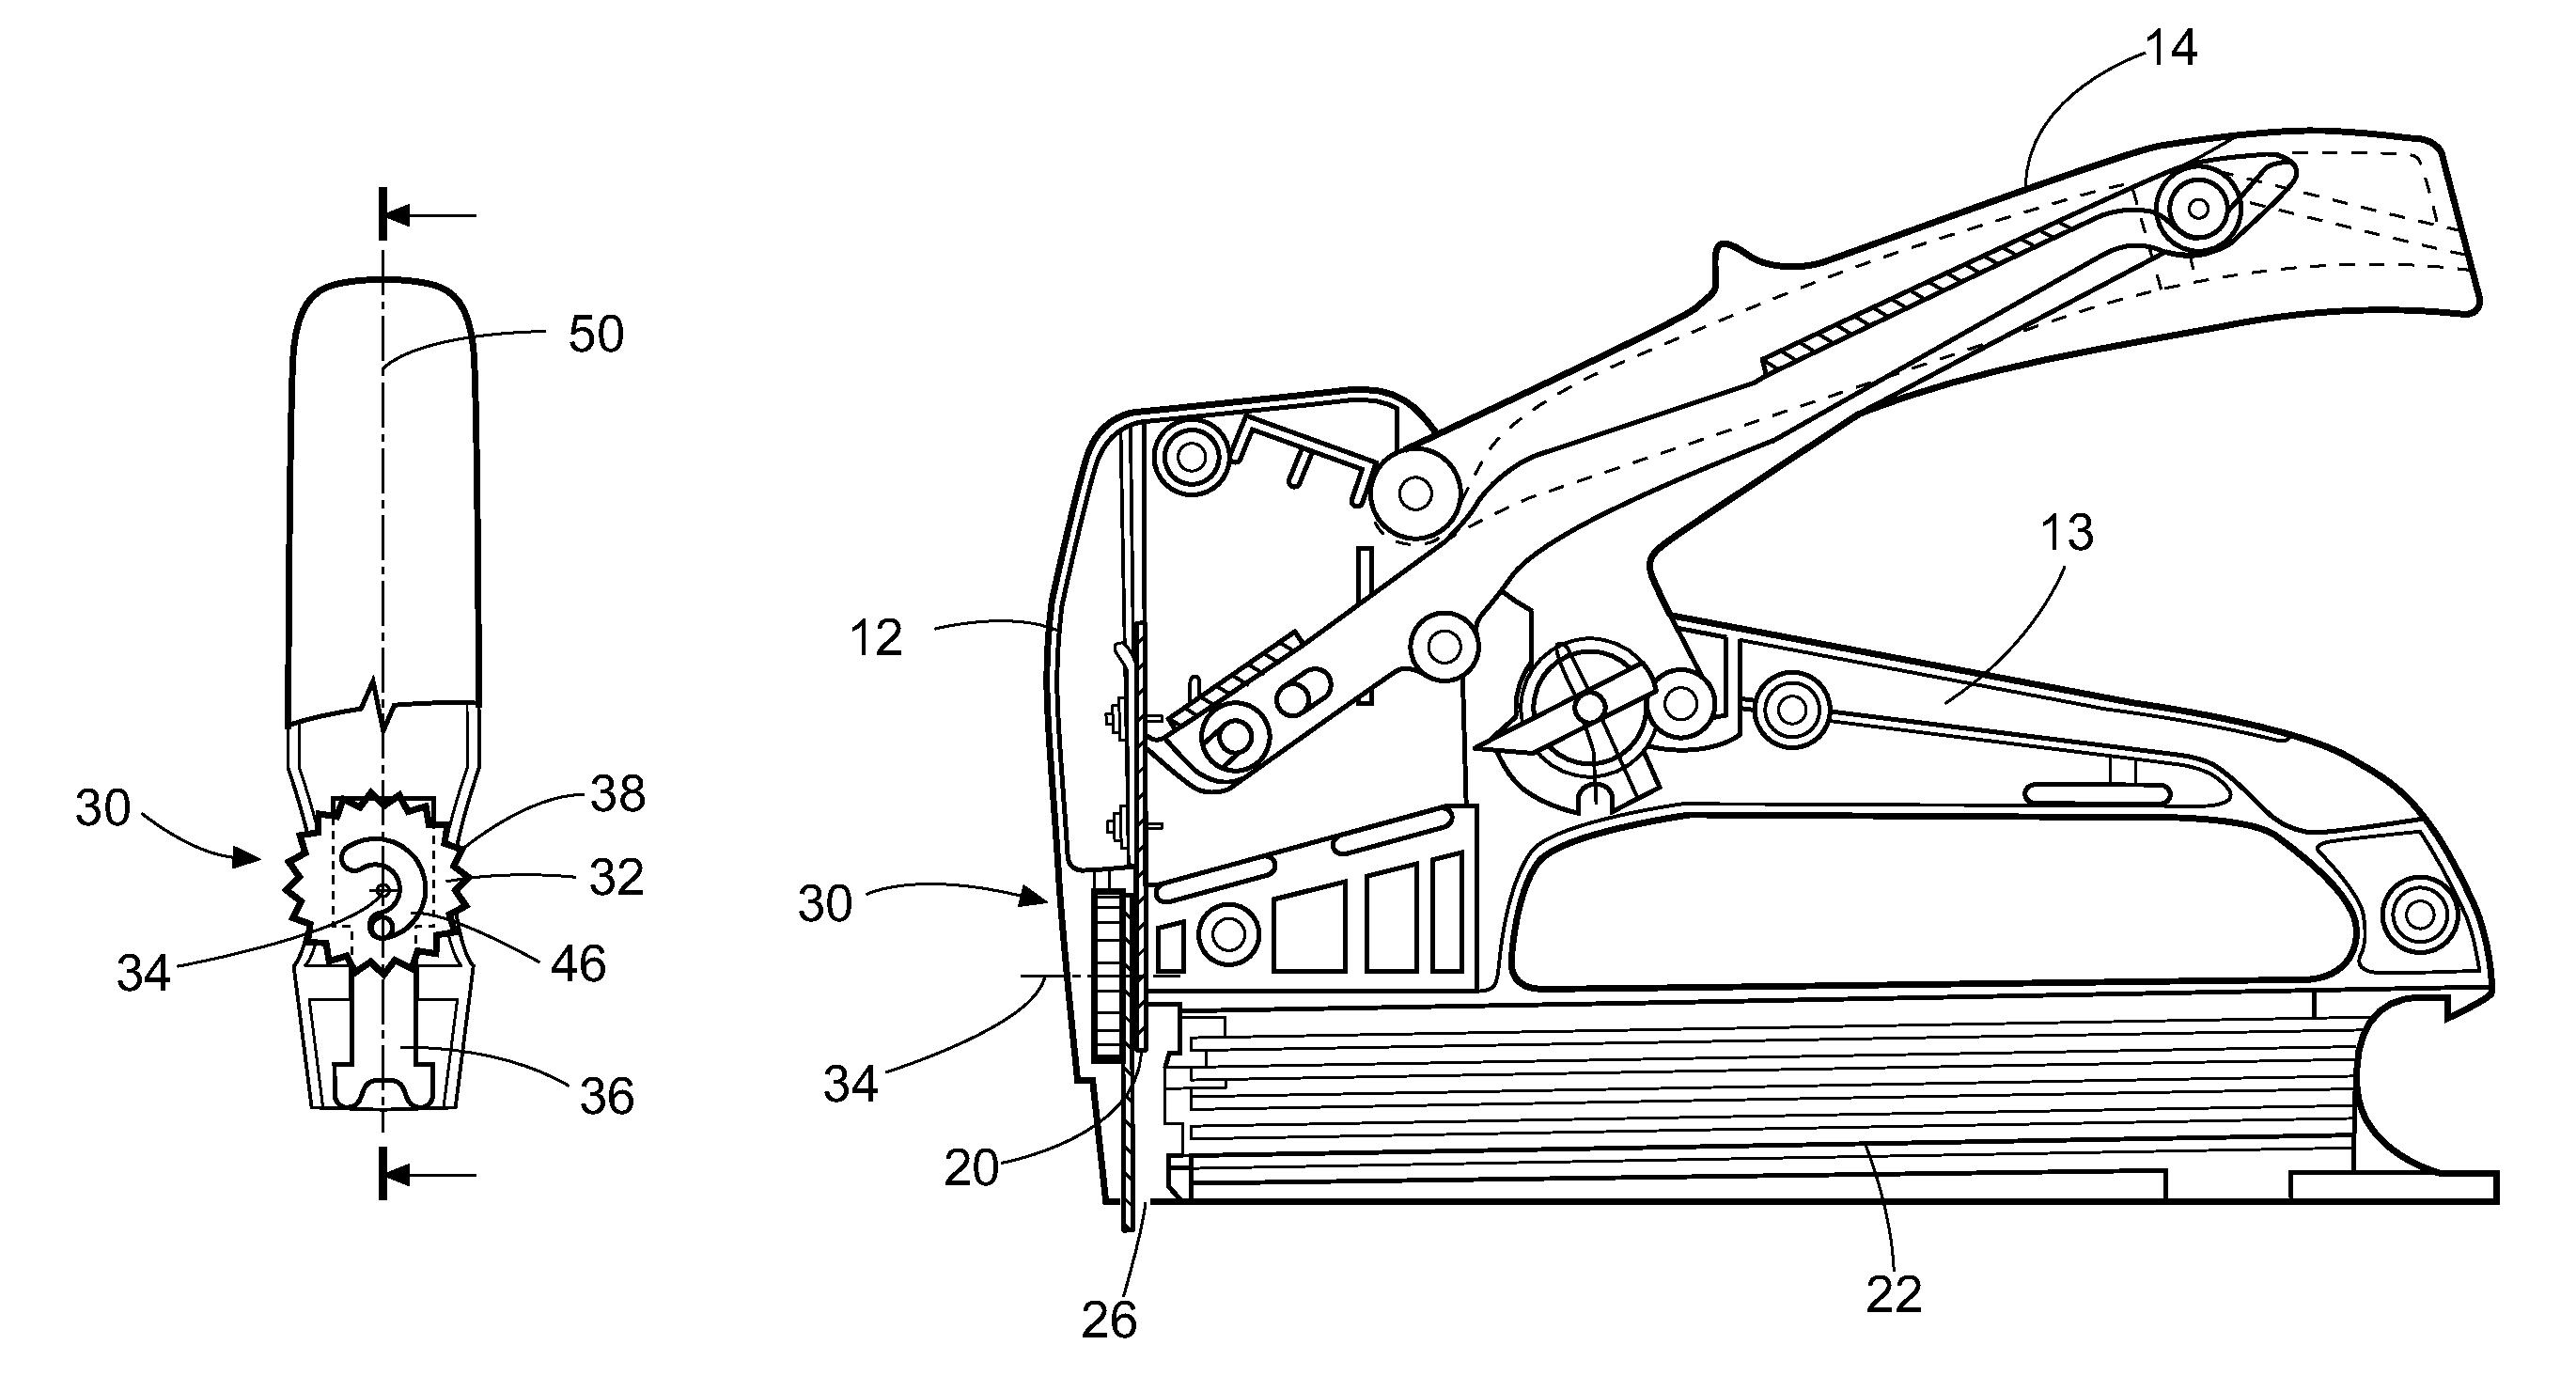 Powershot Stapler Assembly Diagram